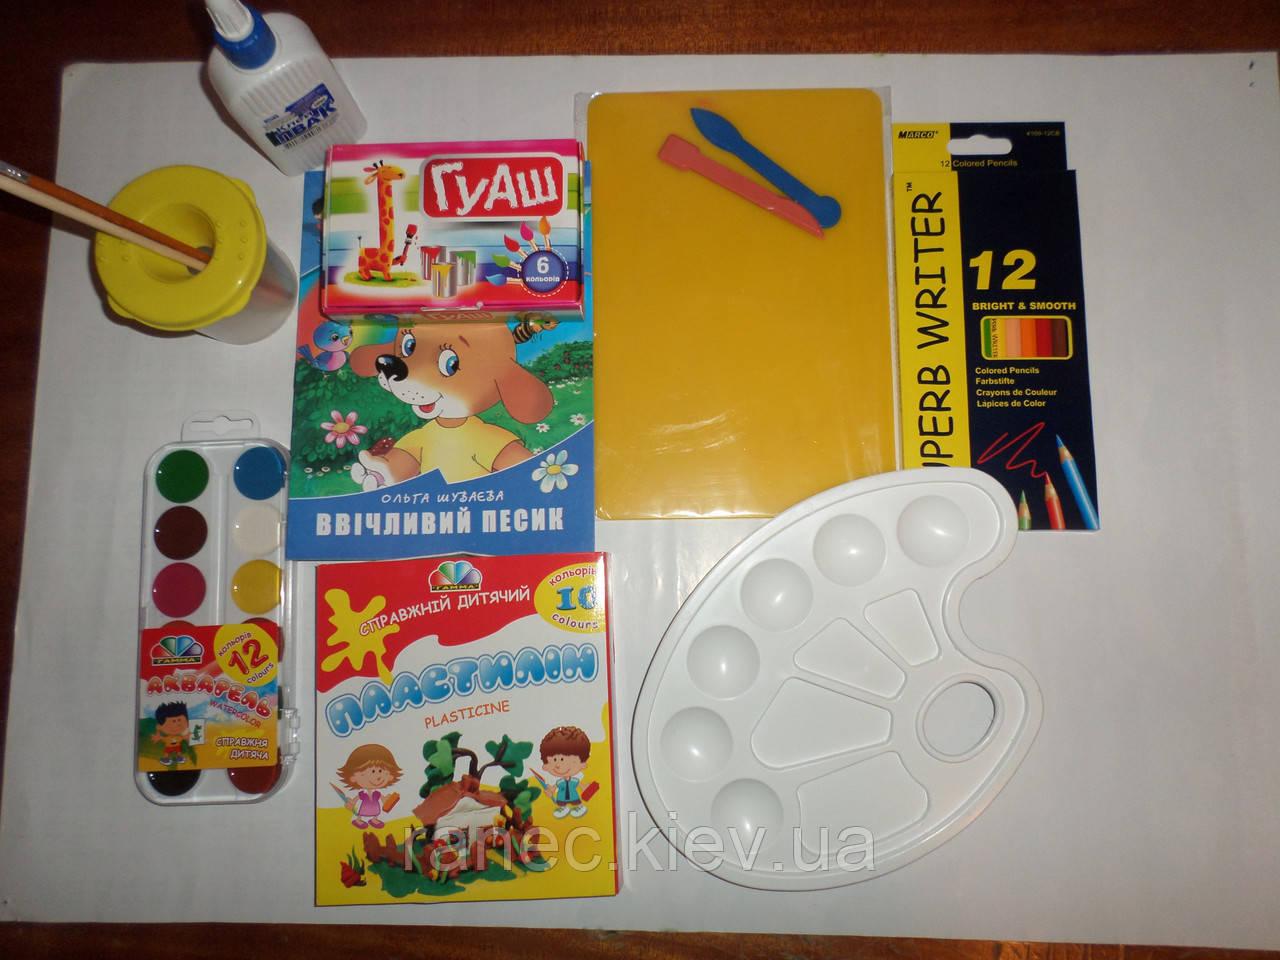 Набор канцтоваров для детского садика.Эконом вариант KOMPSAD